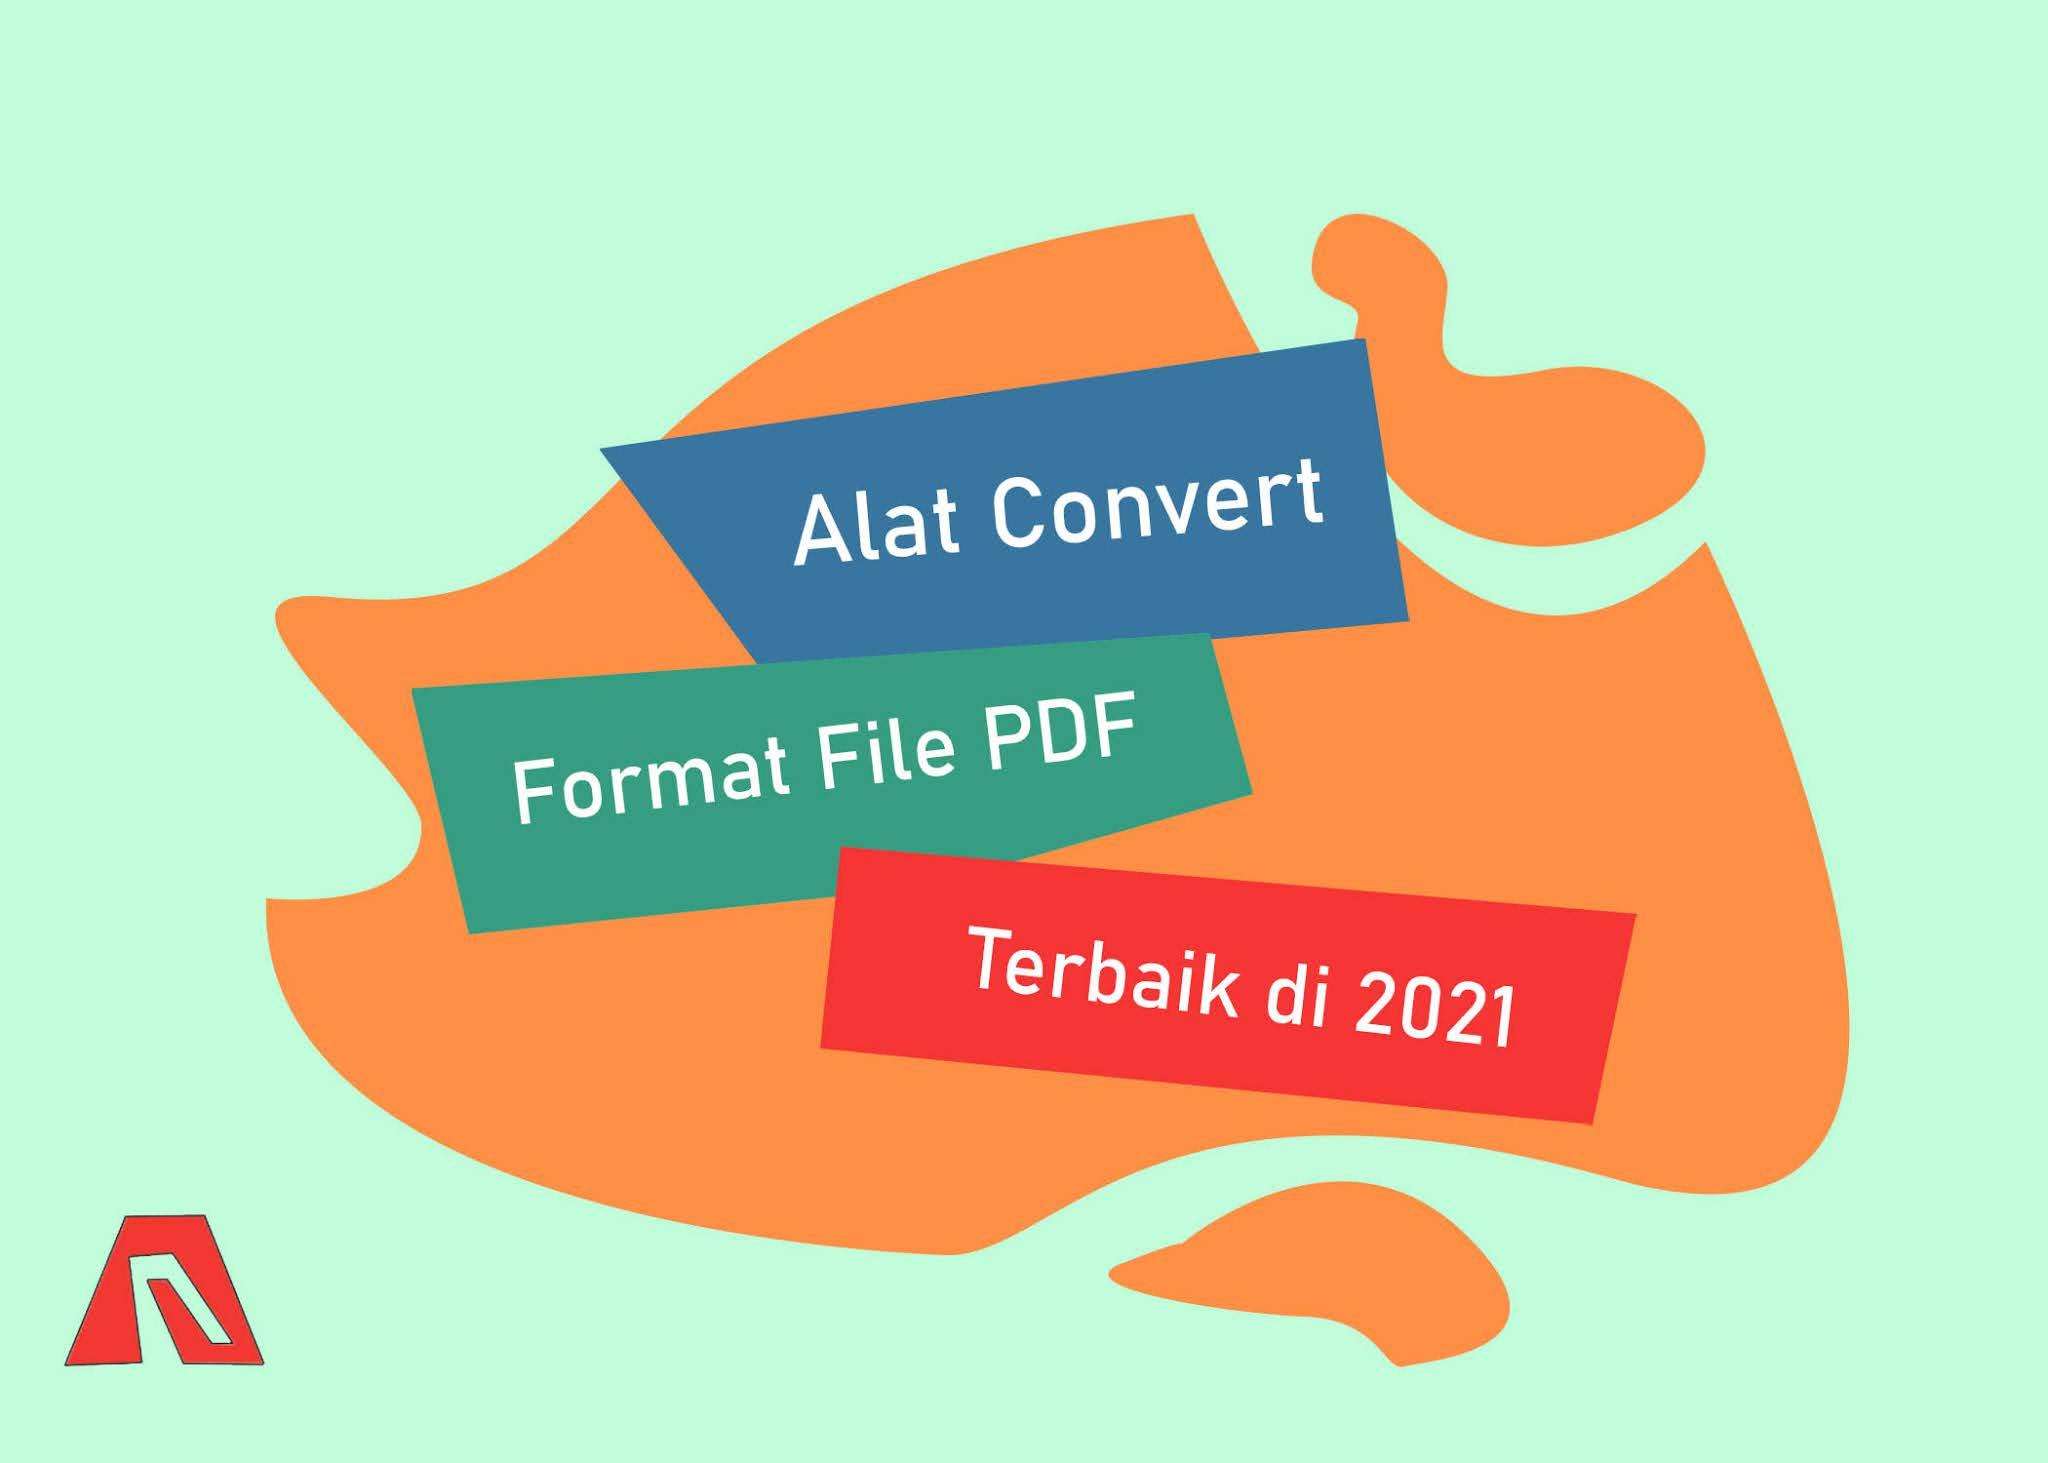 Konverter PDF terbaik di 2021